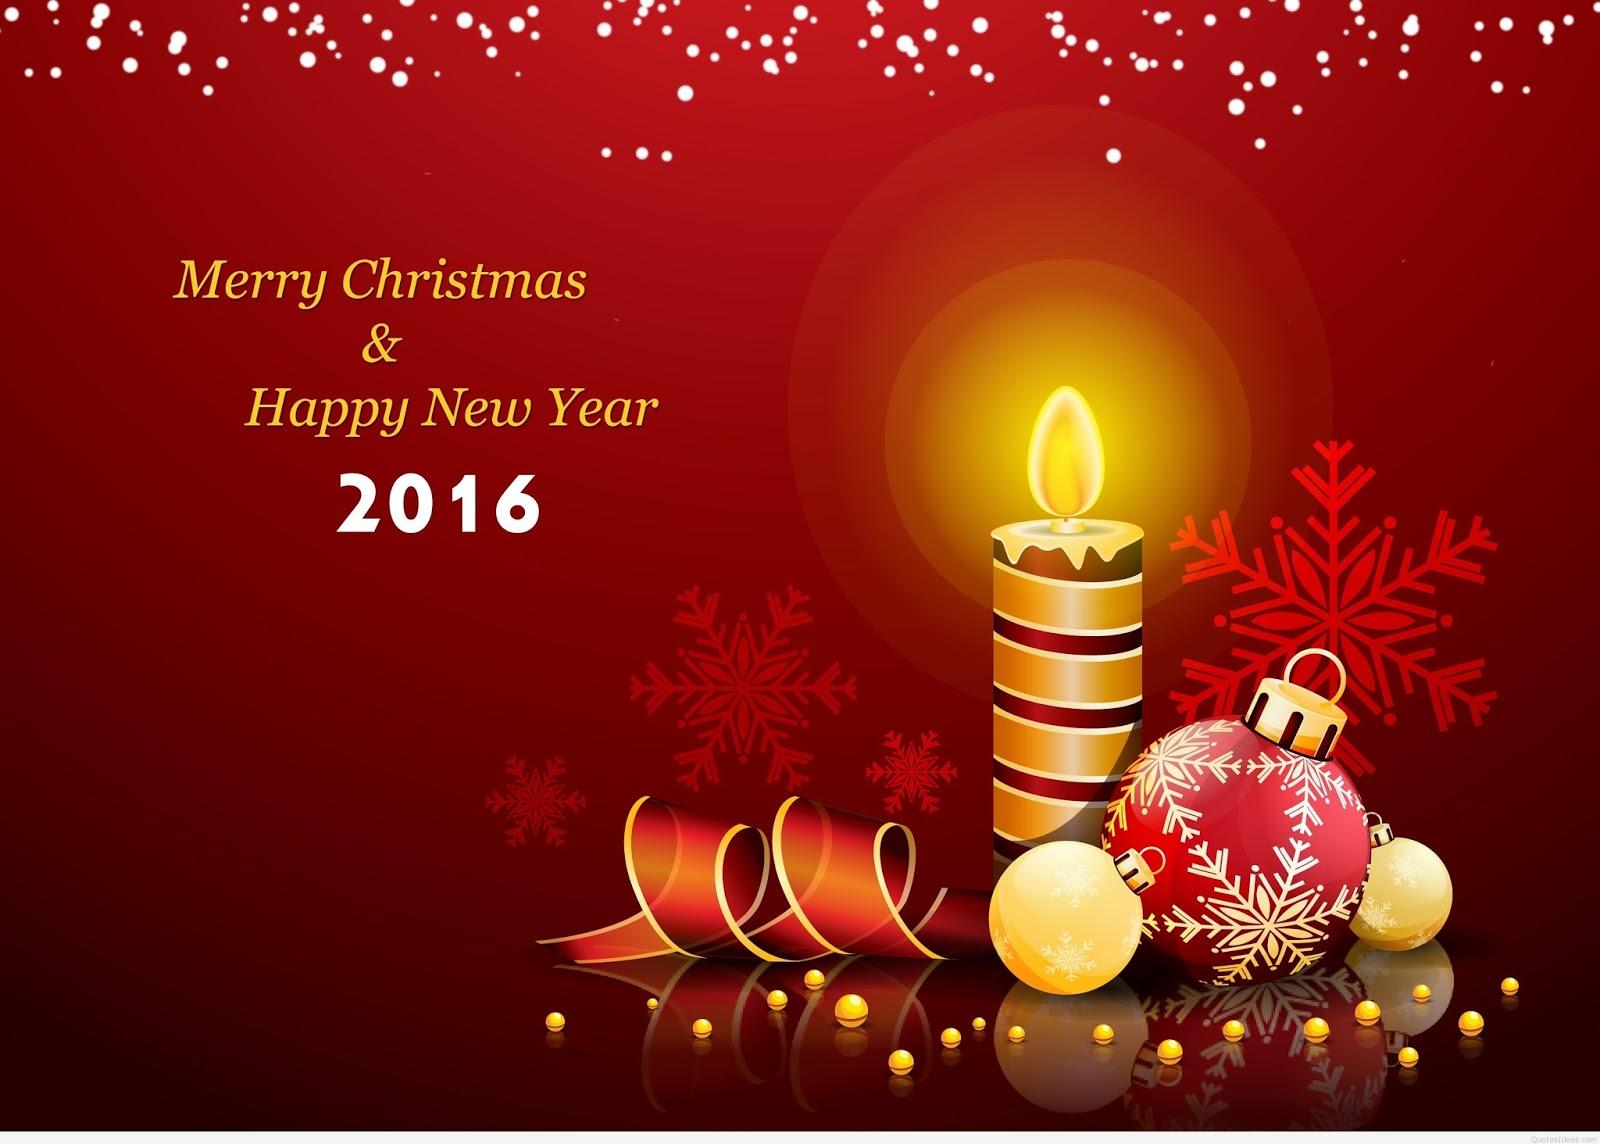 Gambar Dp Bbm Selamat Natal Dan Tahun Baru 2016 17 Pengadilan Negeri Banyuwangi Kelas I A